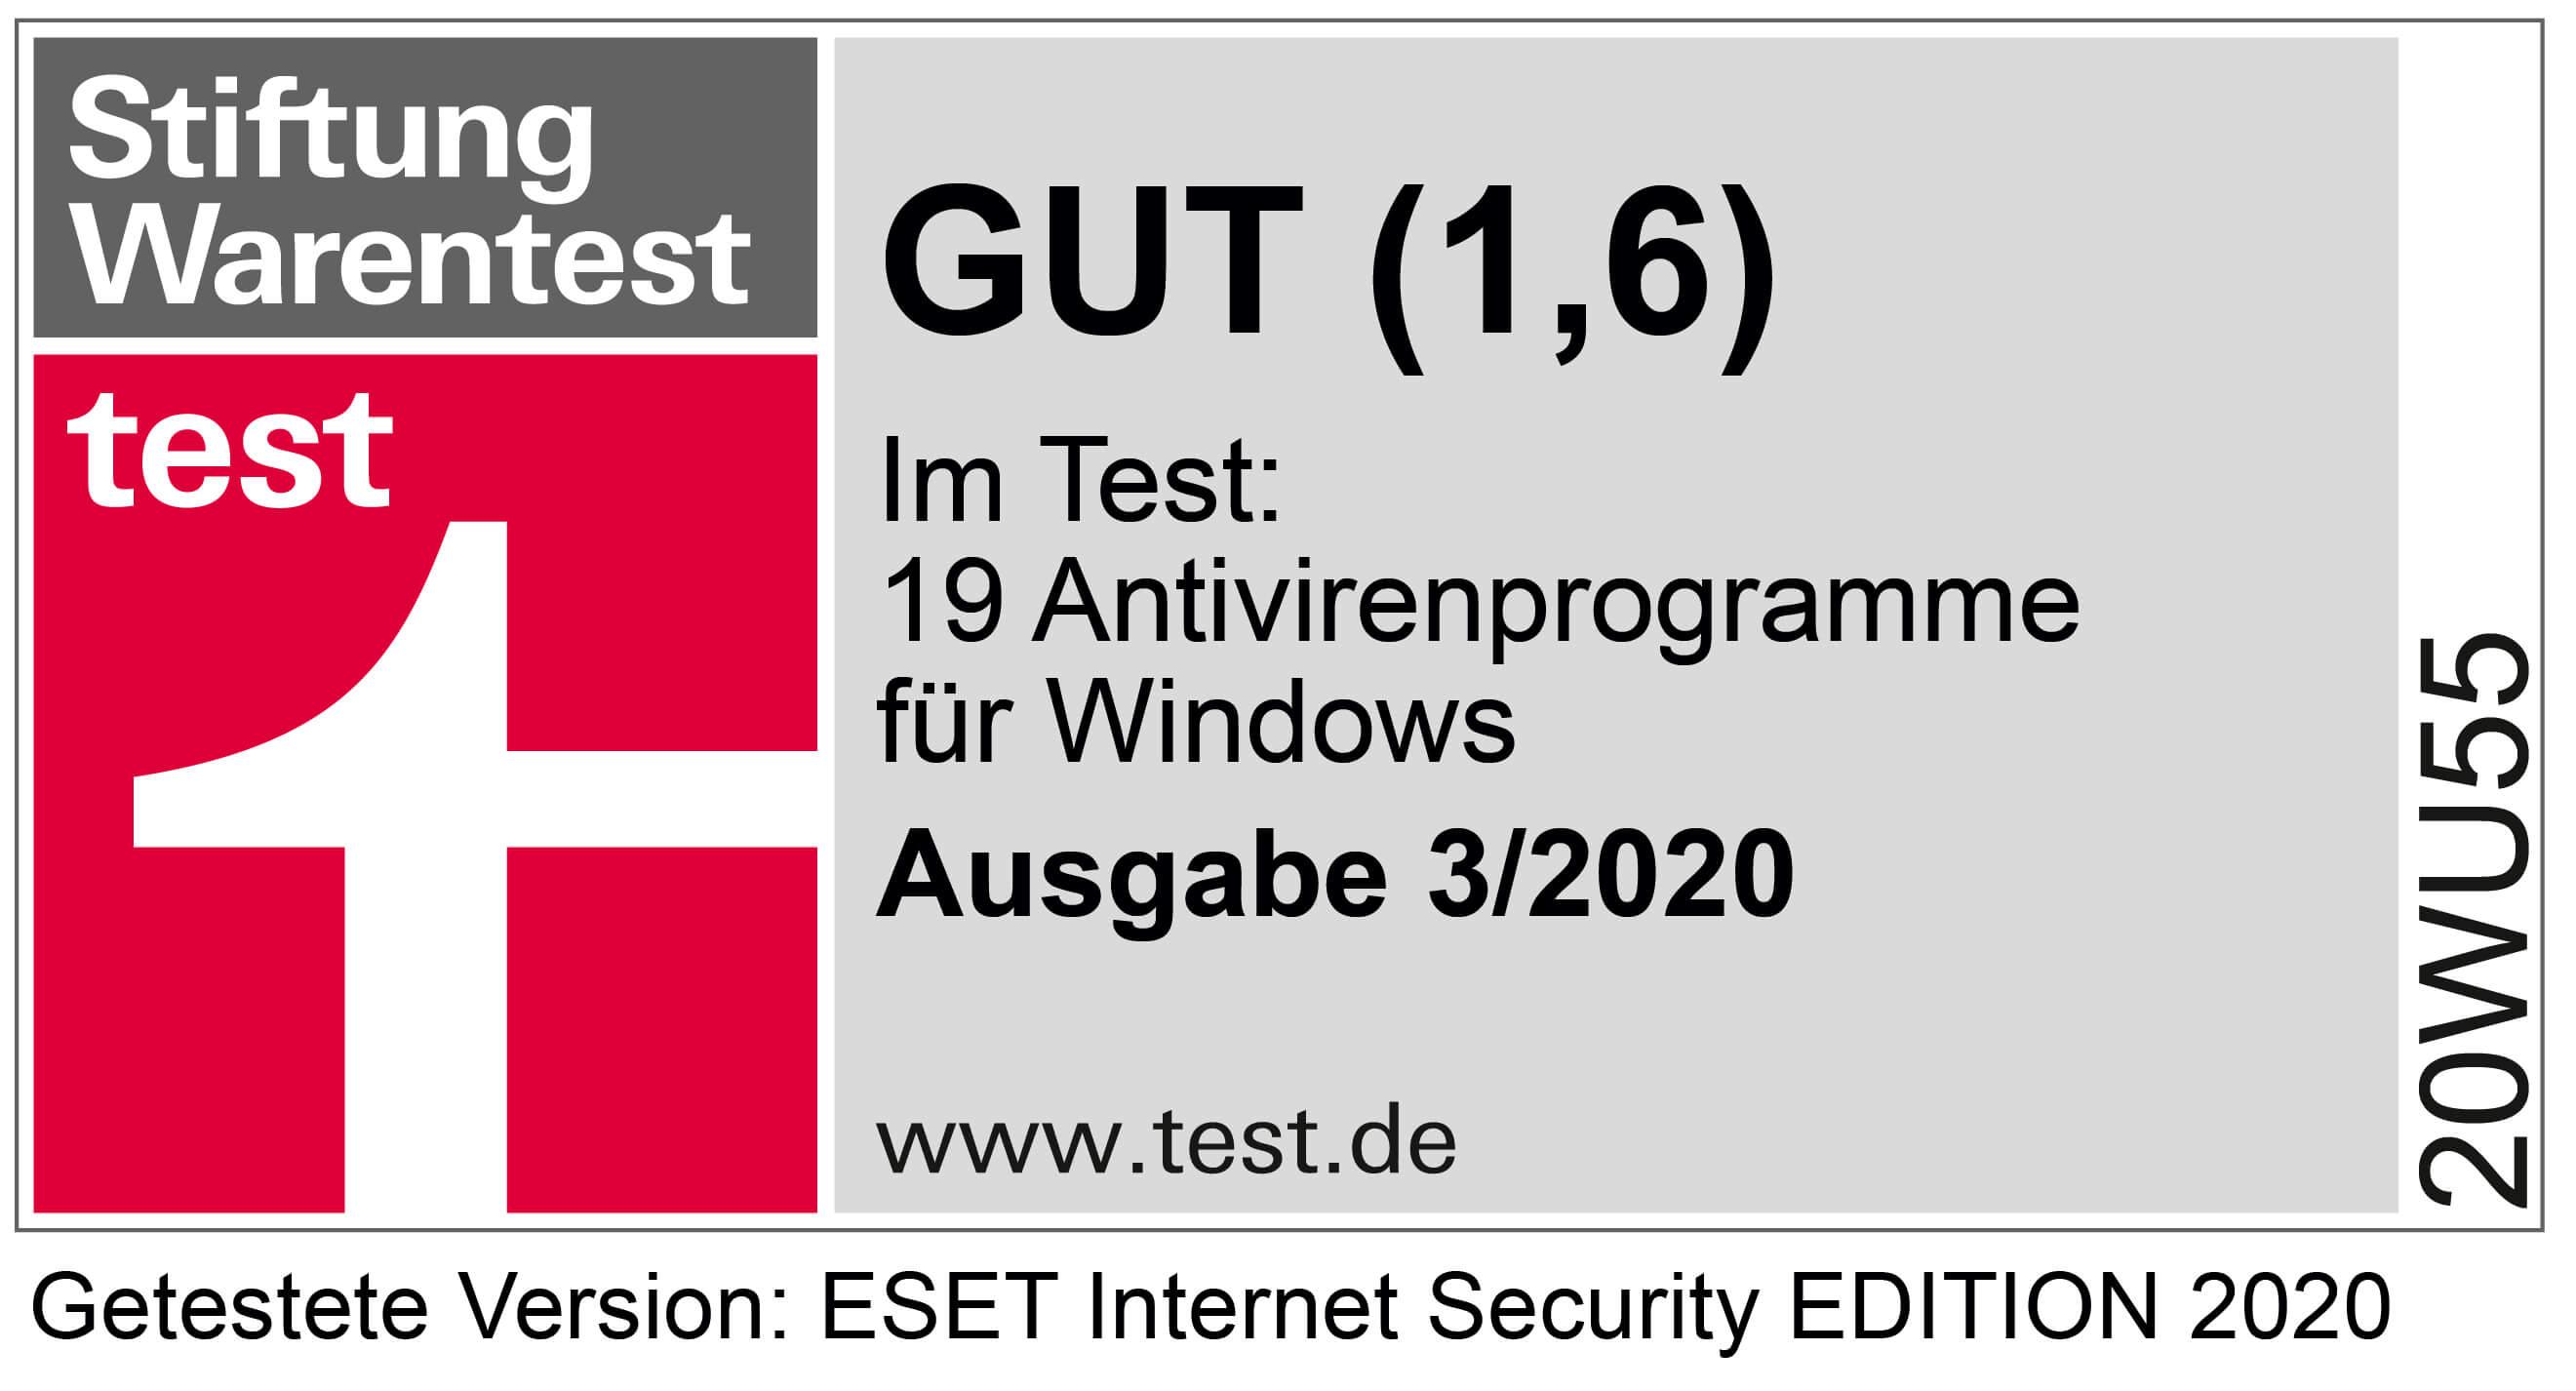 Stiftung Warentest Note 1,6 aus dem Test 19 Antivirenprogramme für Windows, Ausgabe 3 des Jahres 2020